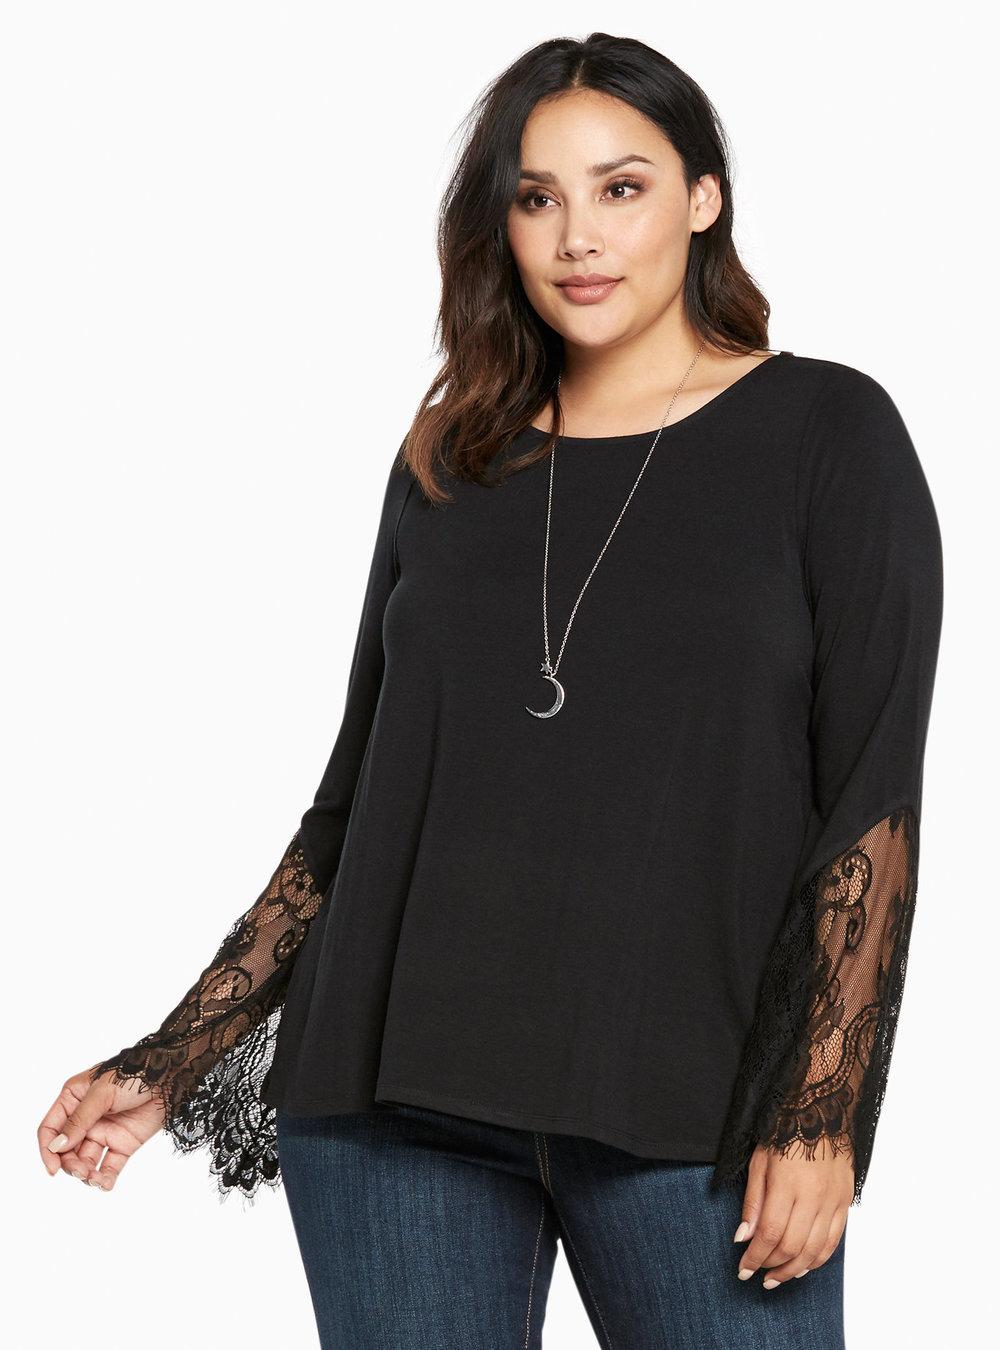 """Torrid """"Lace Bell Sleeve Top"""", $42.90; torrid.com"""